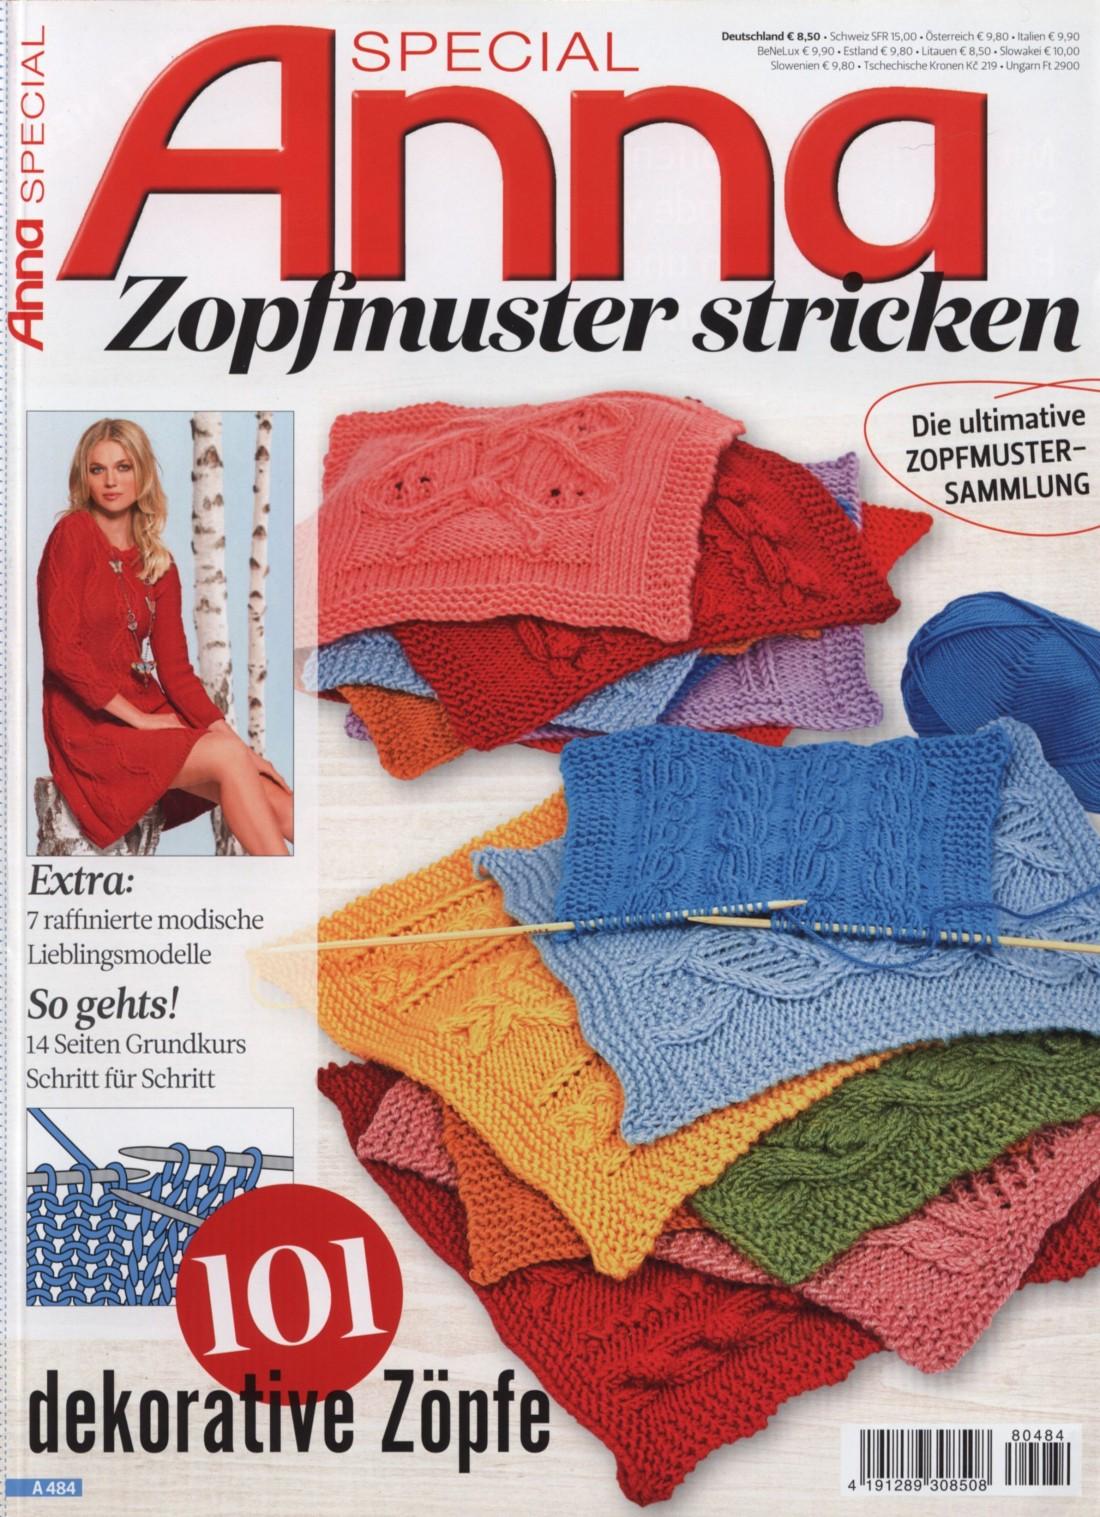 Журнал по вязанию » Anna Special» A 484 — Zopfmuster Stricken 2018